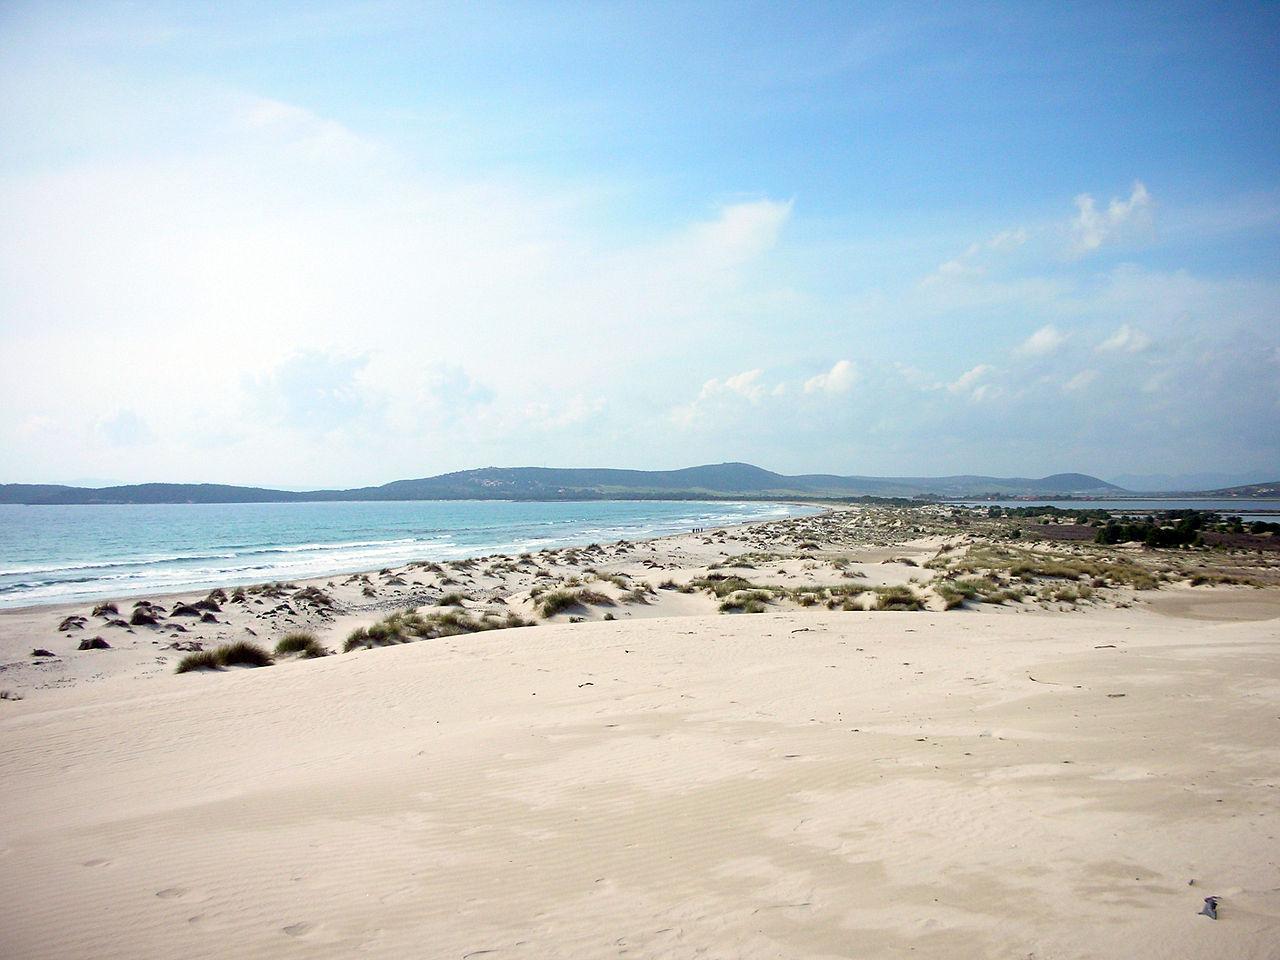 Tariffe 2019 - La spiaggia di Porto Pino (by KS)